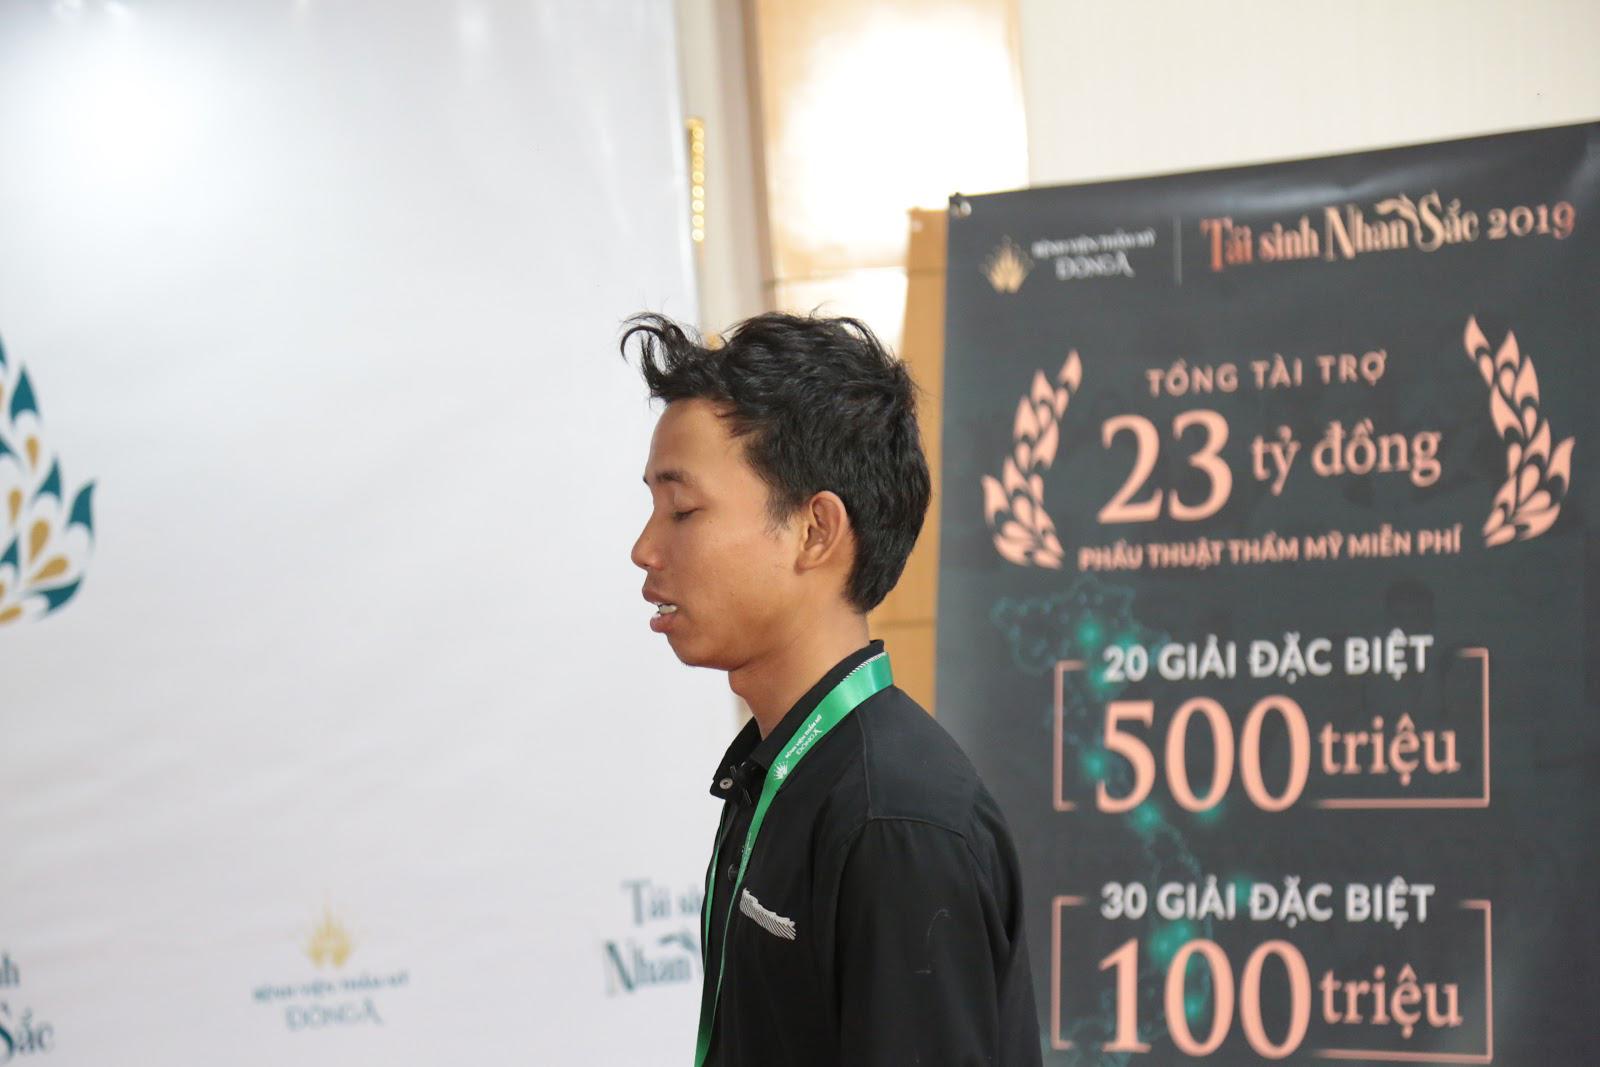 Chàng trai du mục nơi biên giới Campuchia, lặn lội vượt đường xa tới Tái sinh nhan sắc 2019